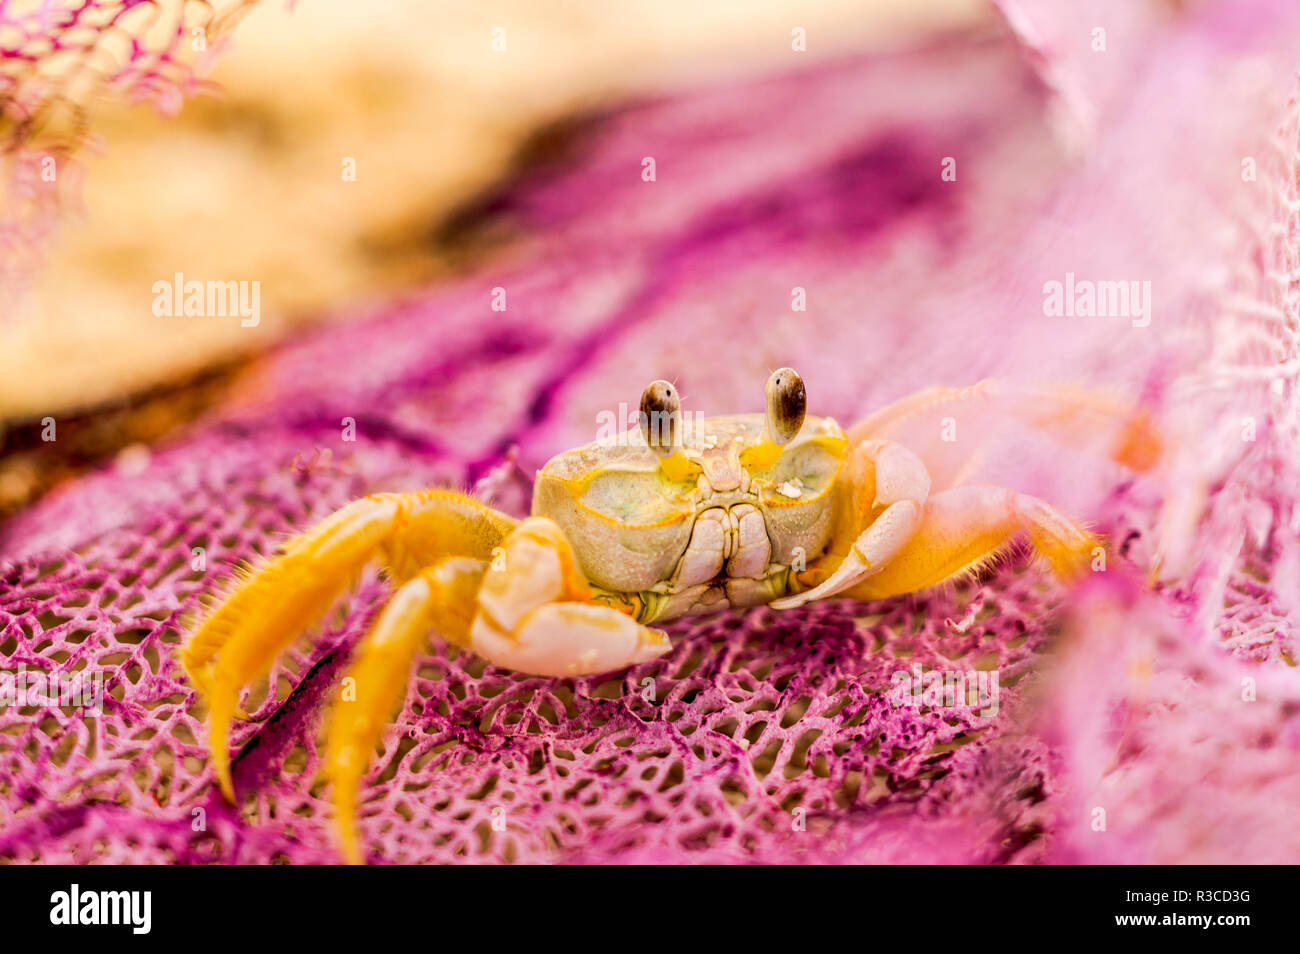 Ghost Crab (Ocypode quadrata) versteckt in gewaschen Meer Ventilator am Strand in der Nähe von Fort Jefferson, Dry Tortugas National Park, südlich von Key West, Florida, USA Stockbild